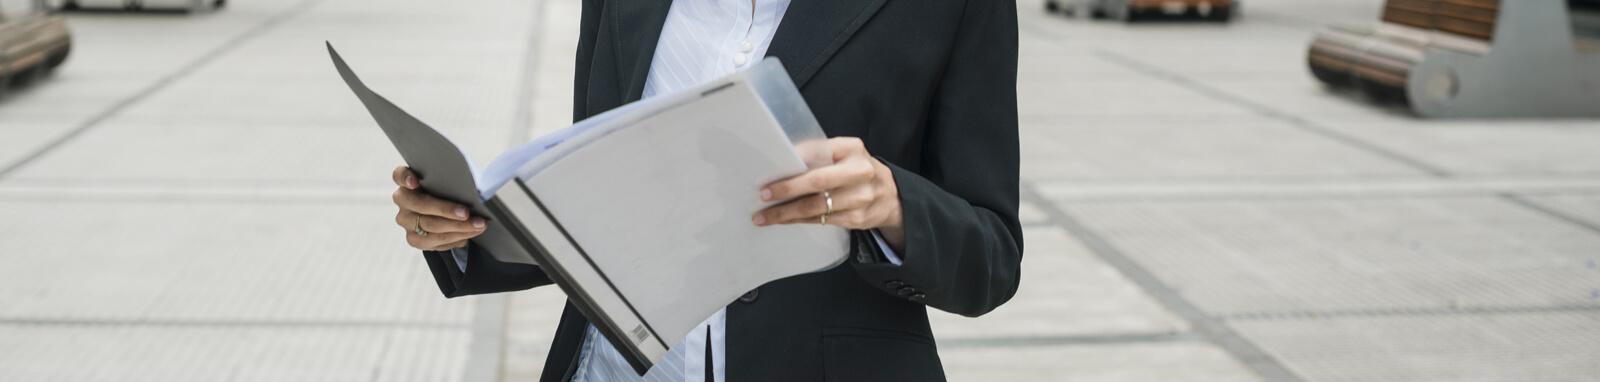 pessoa lendo um documento